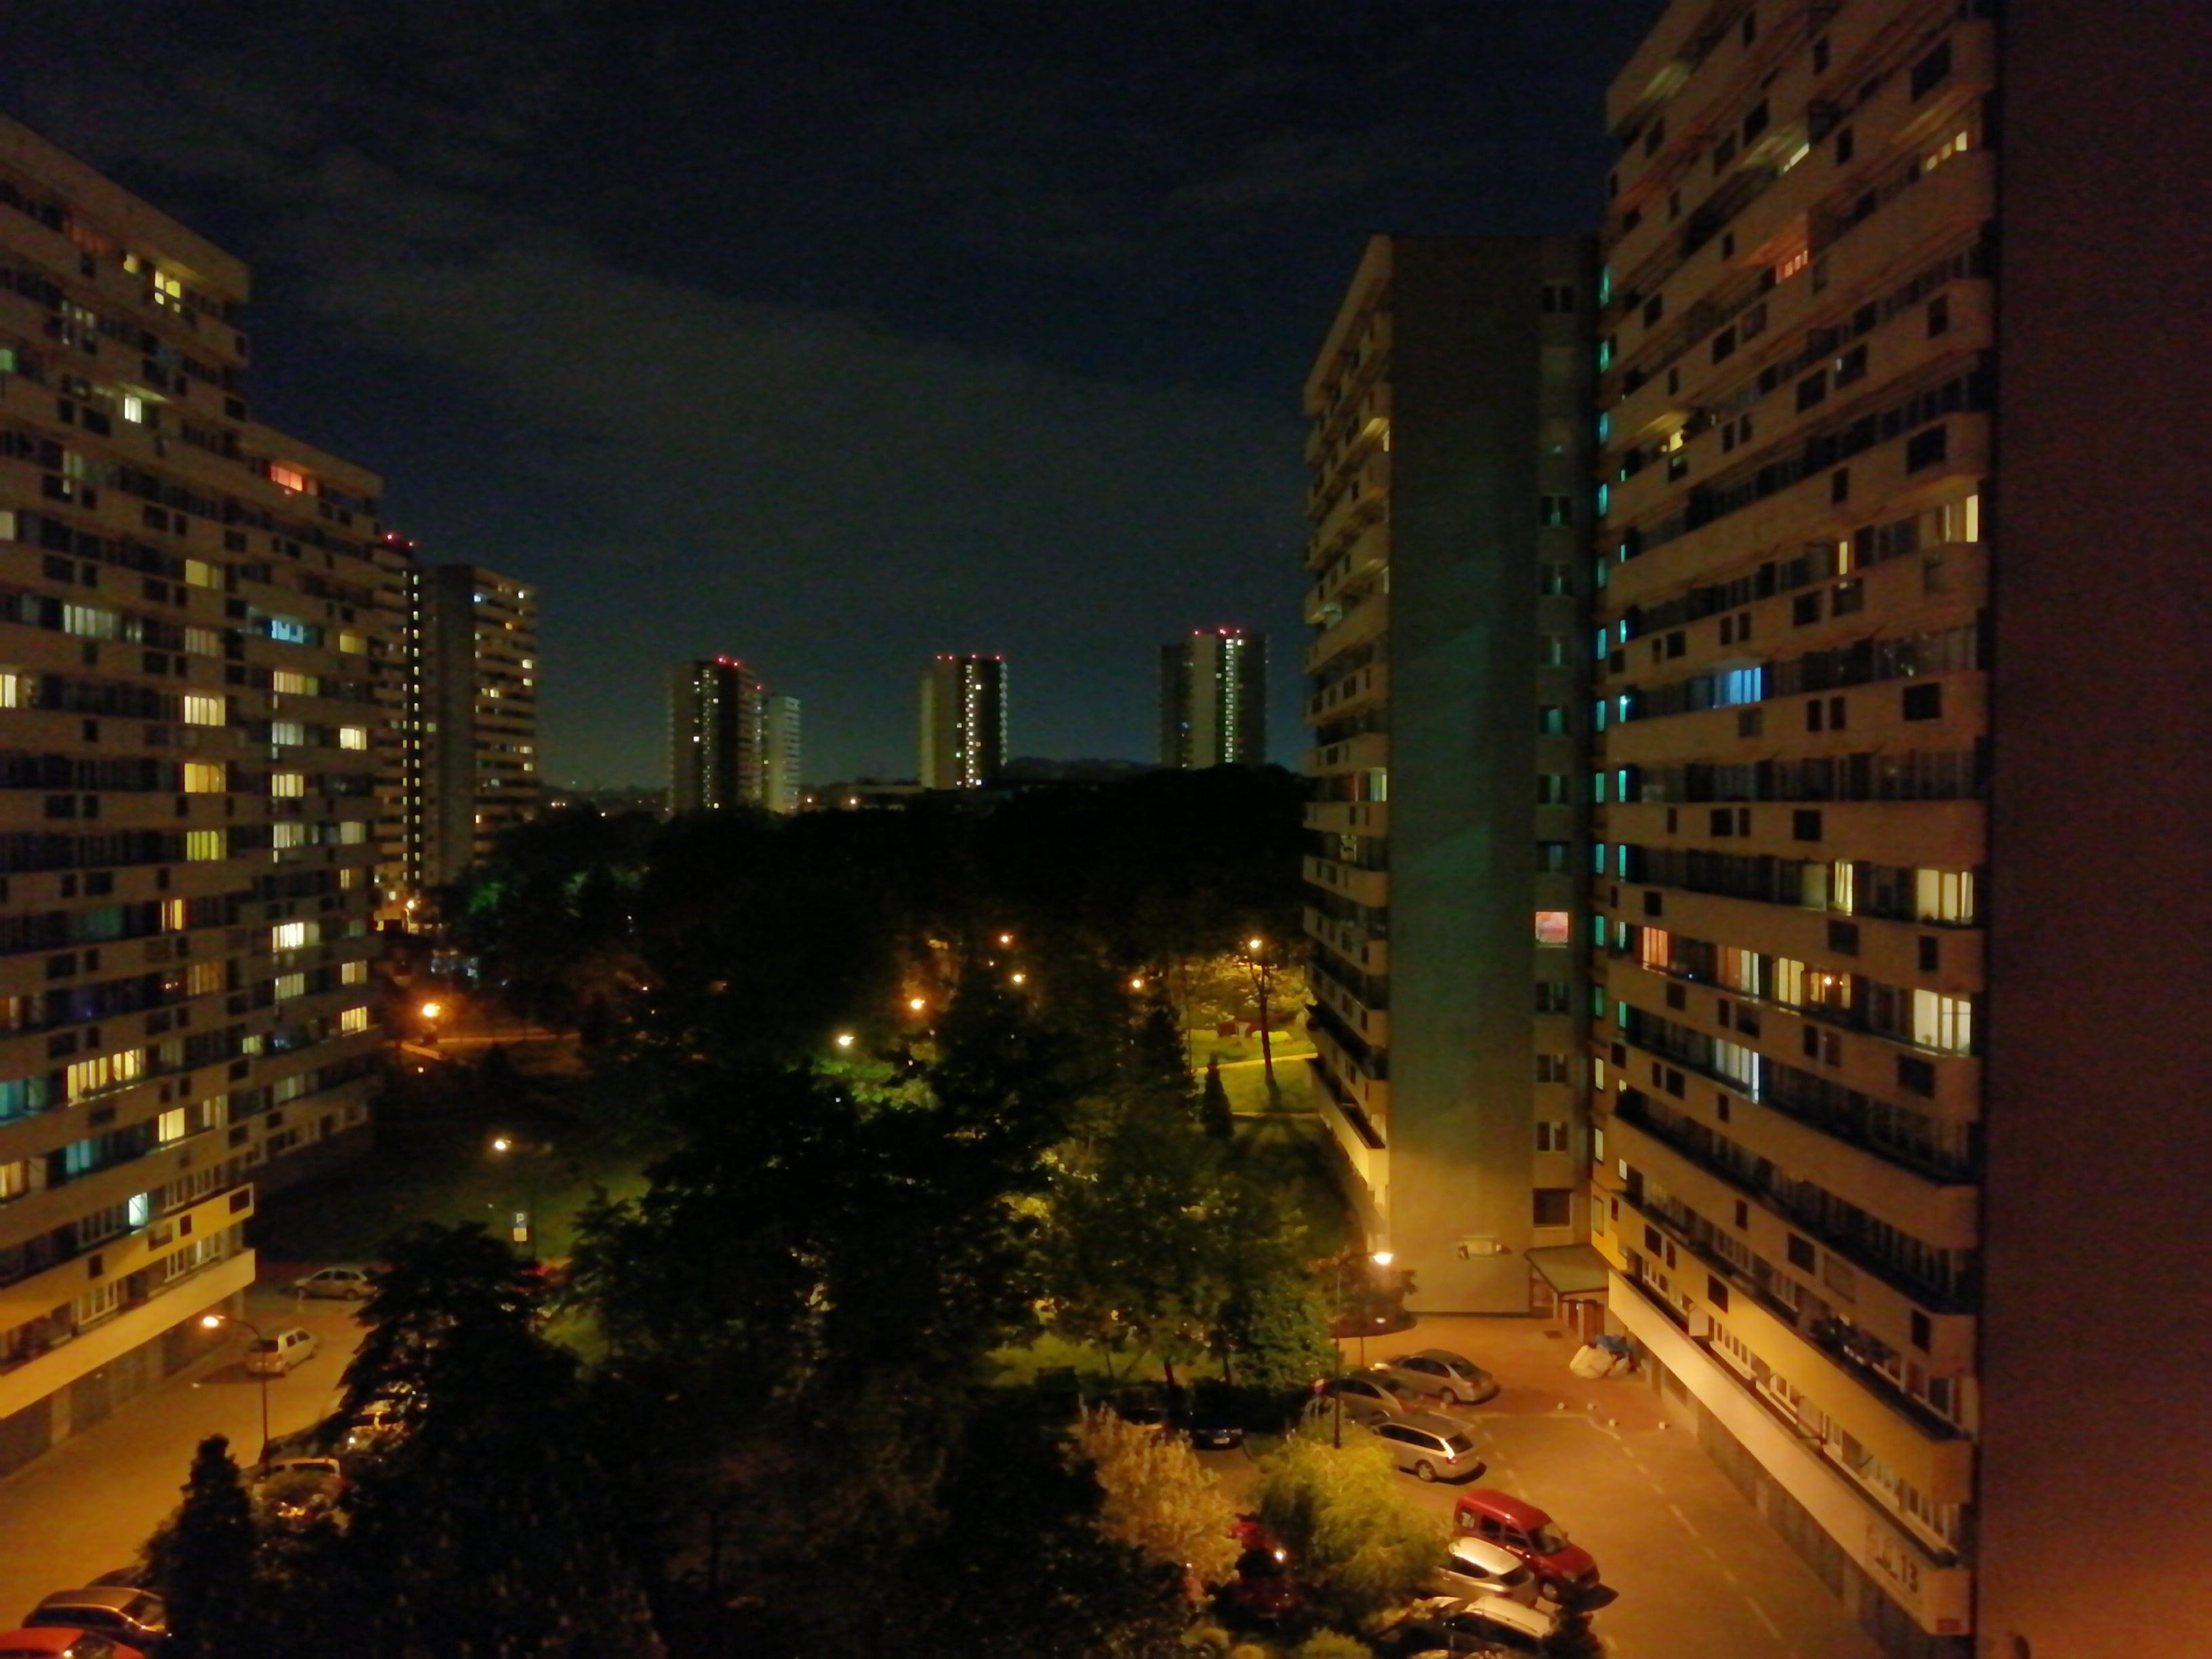 Zdjęcia nocne - Honor 10 Lite